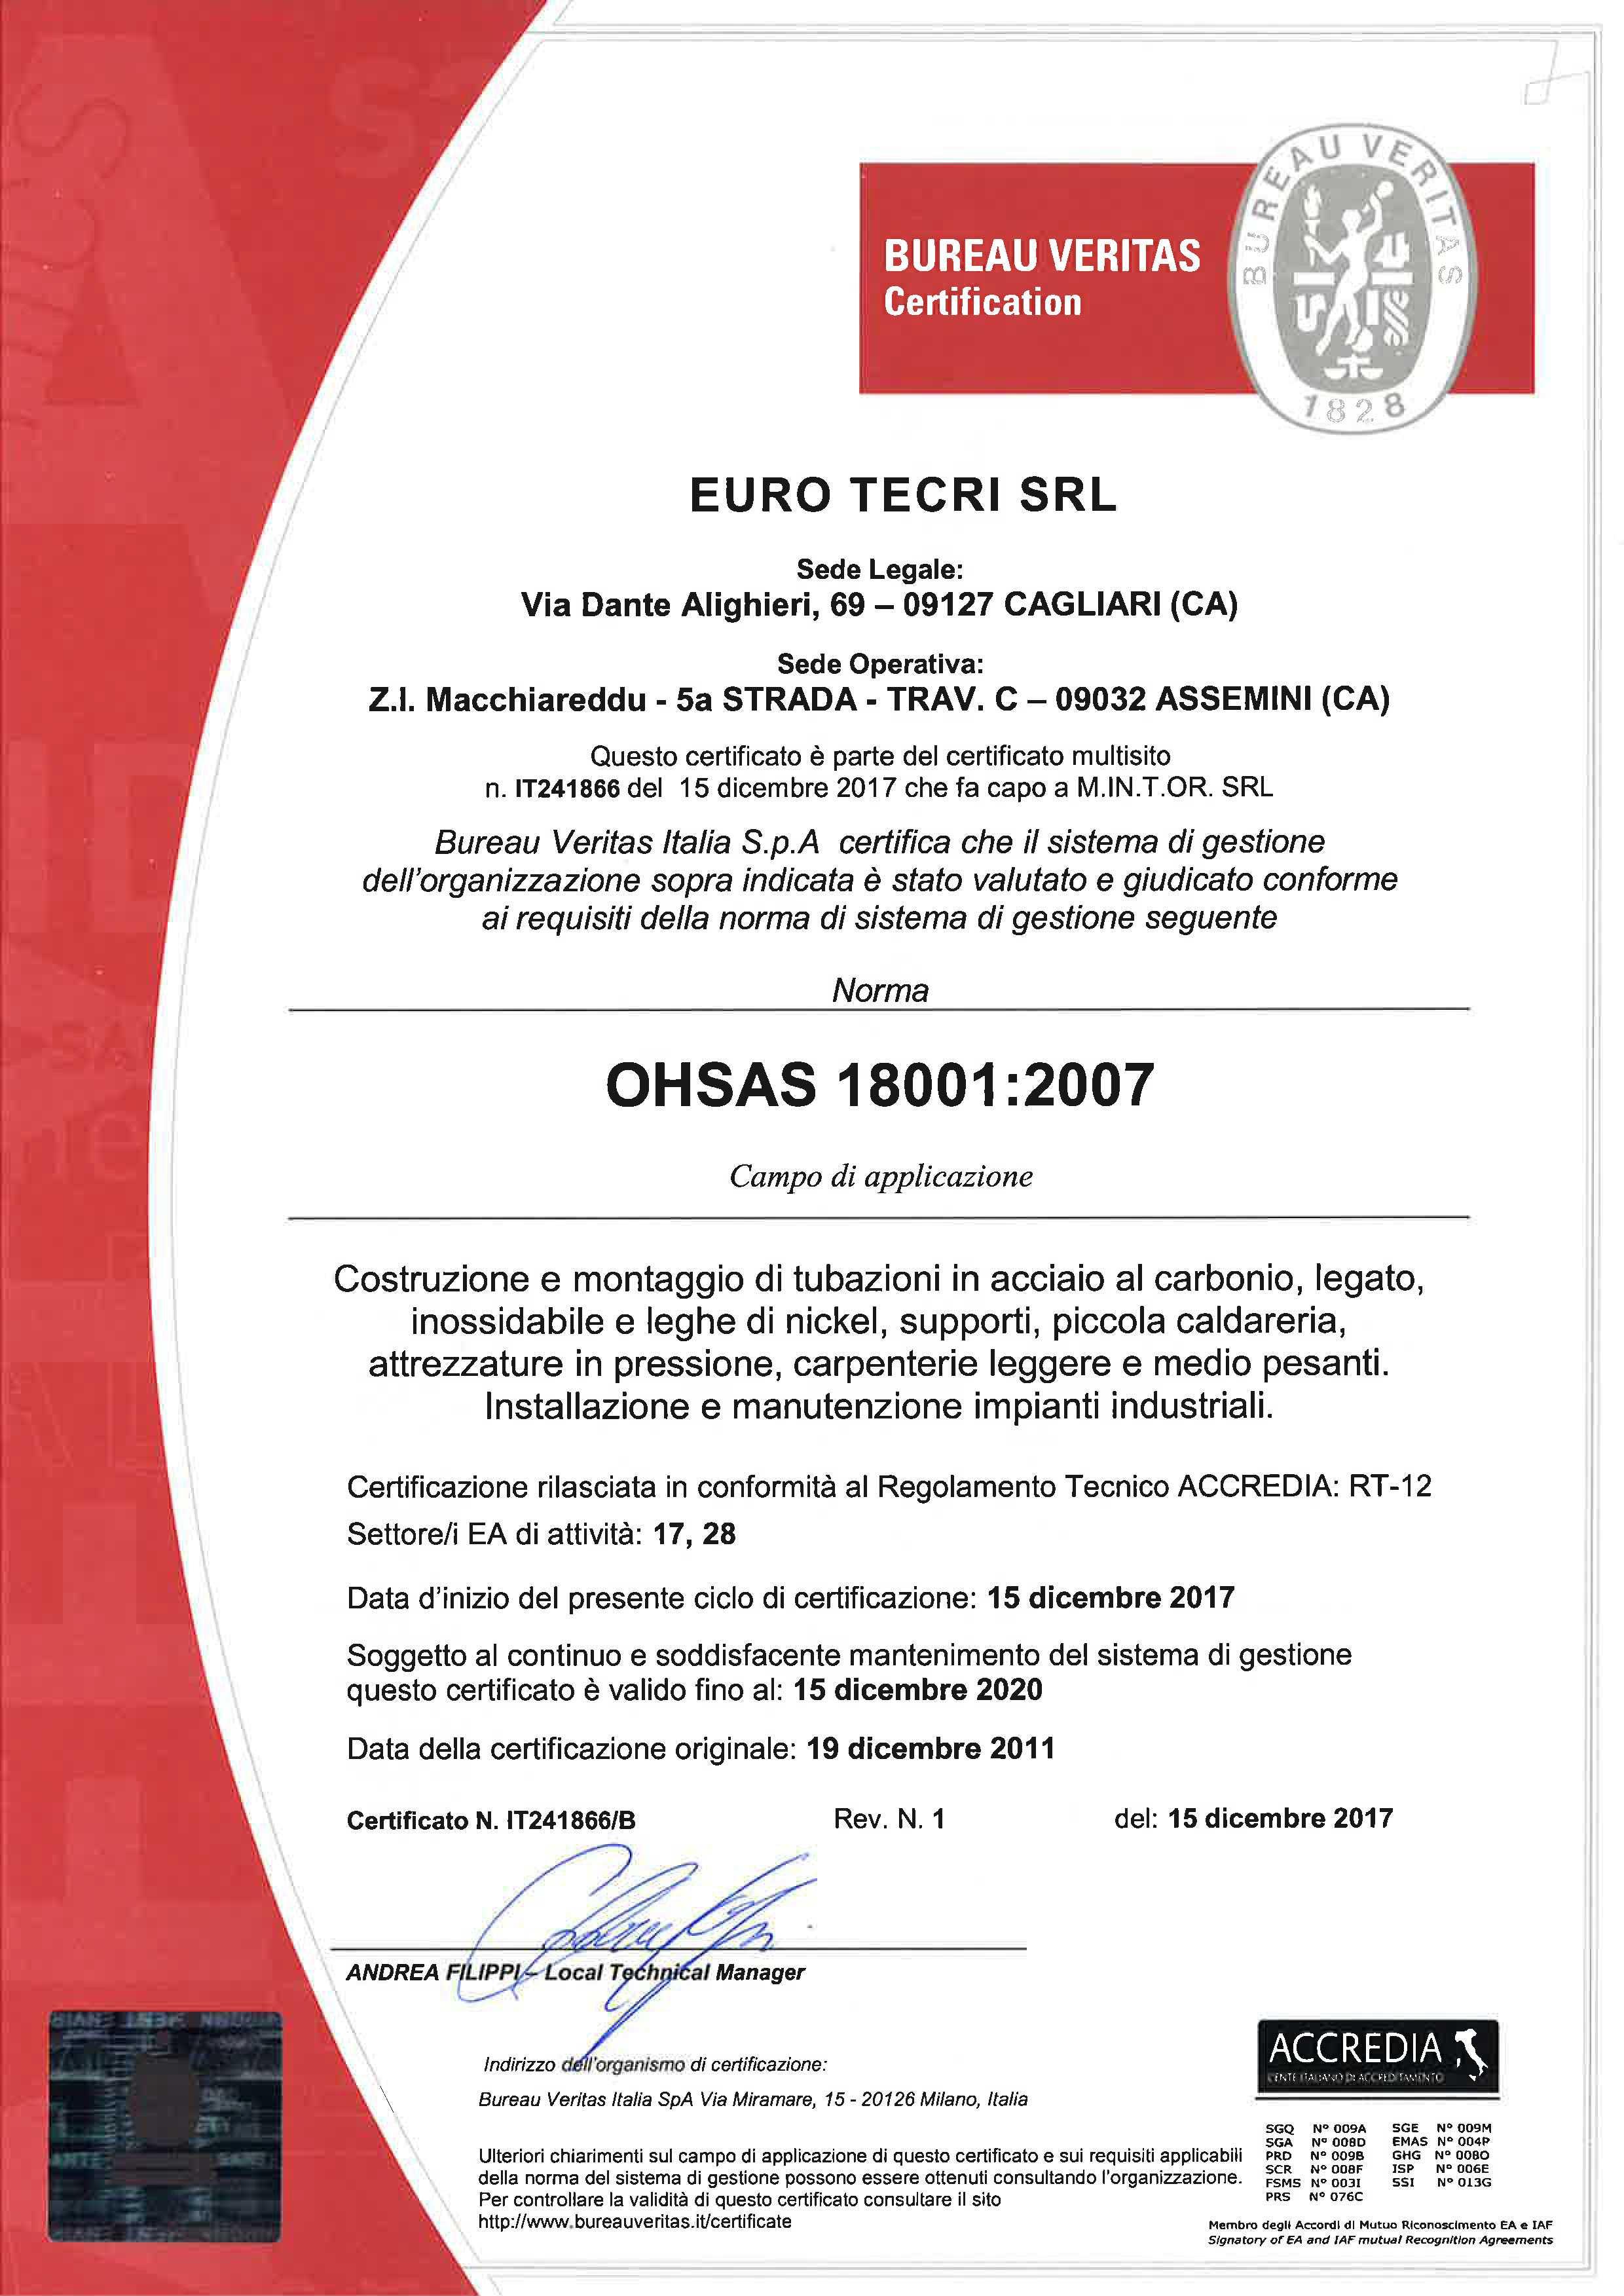 certificazioni-mintor-luglio-2019_0001_M.IN.T.OR. SRL-18001 FIGLIO B